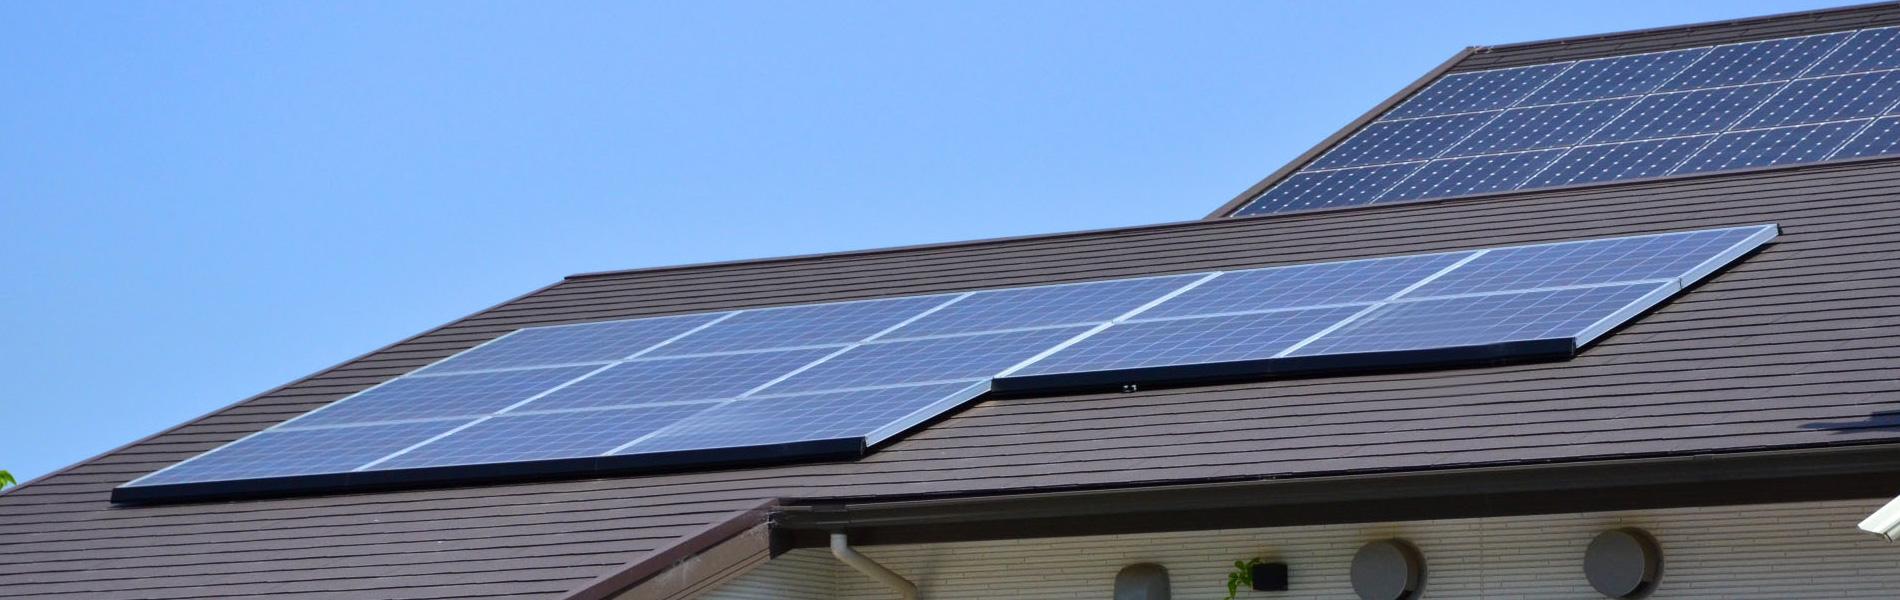 太陽光発電・蓄電池のことお気軽にご相談ください。